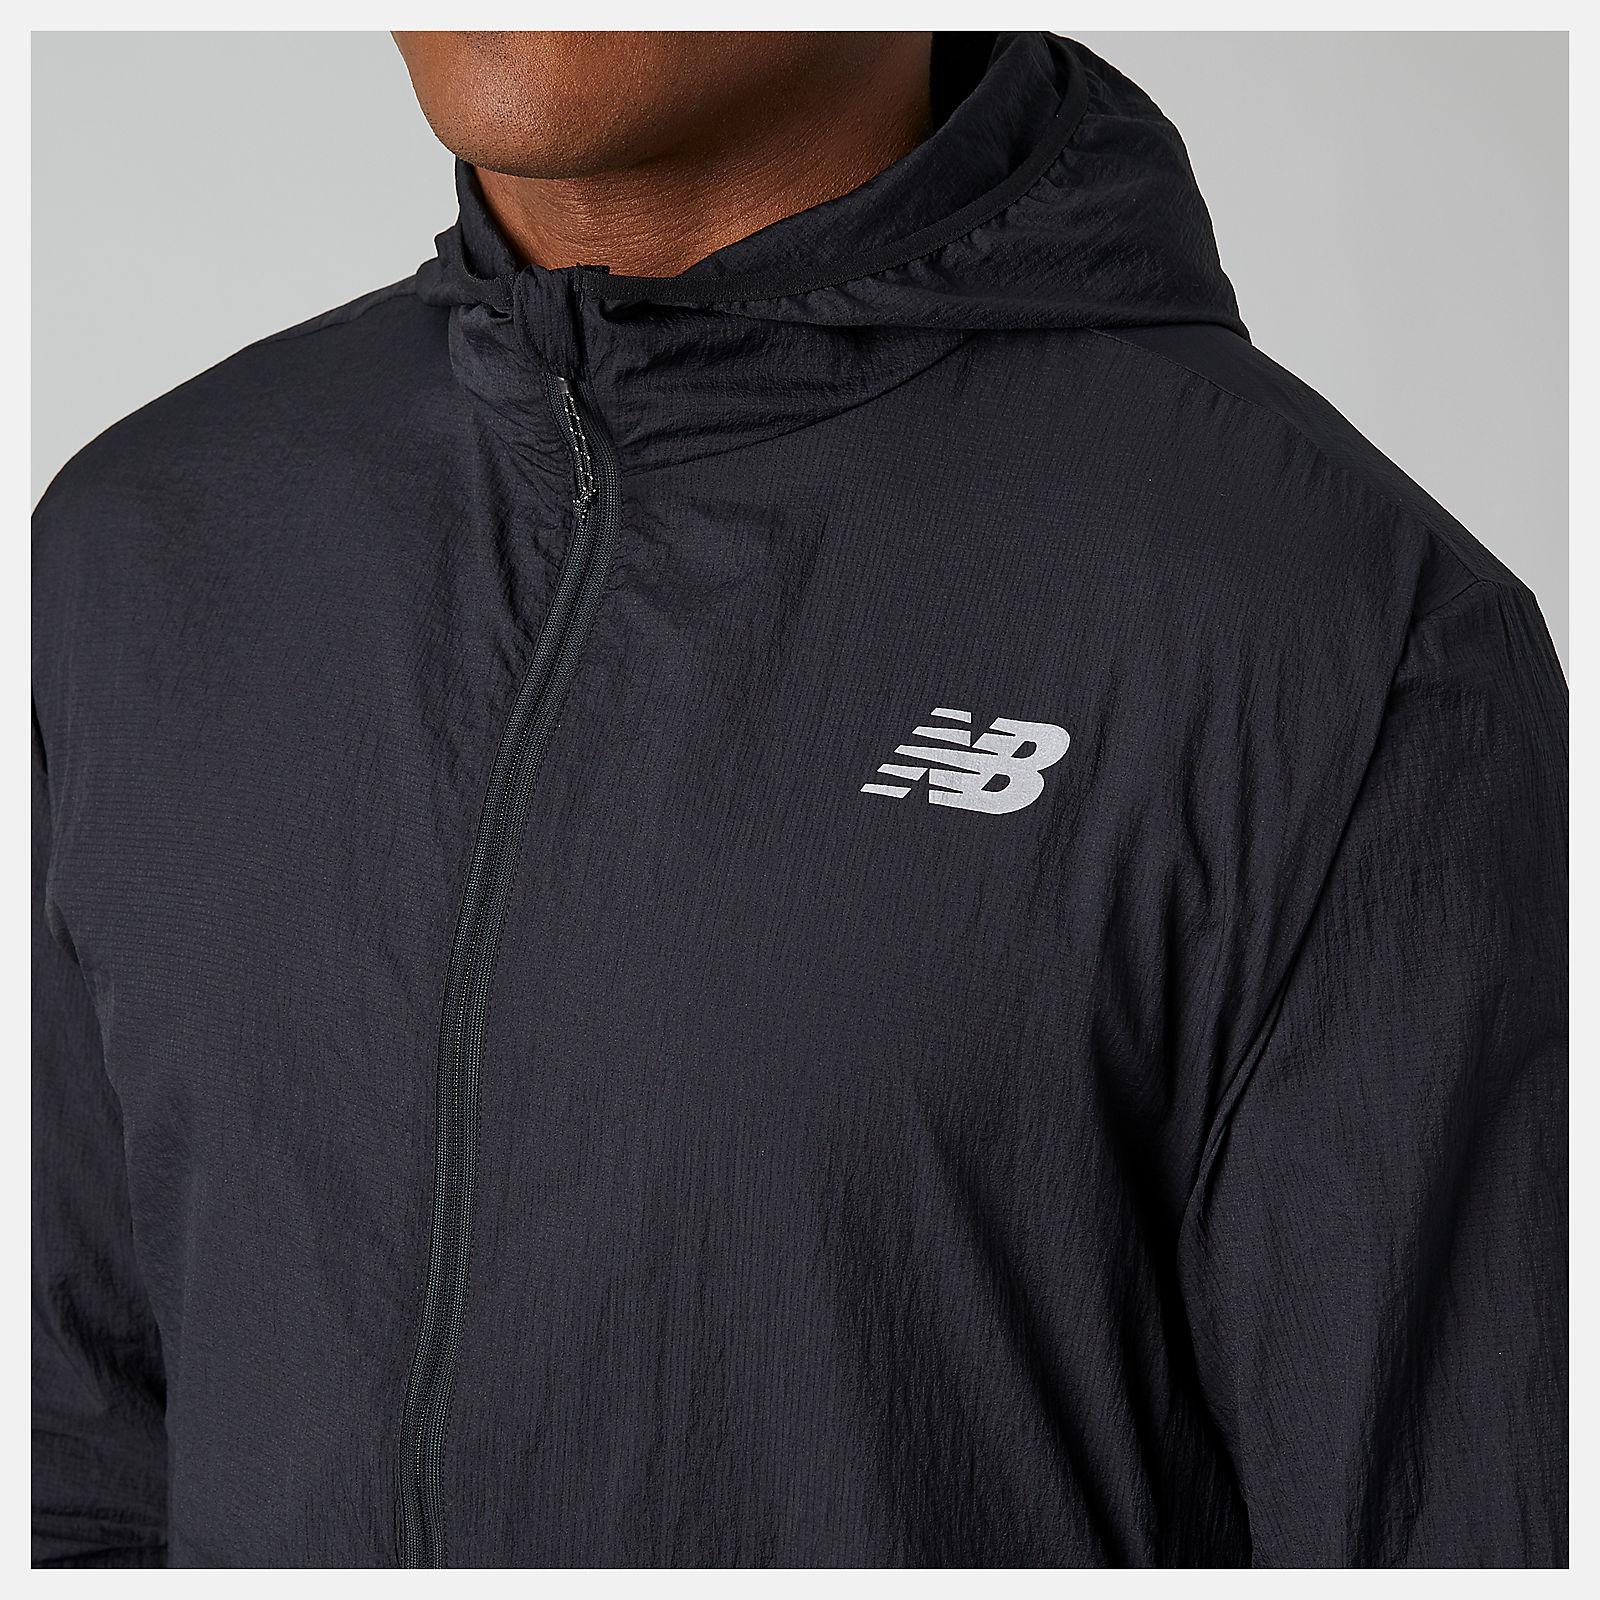 new balance waterproof jacket